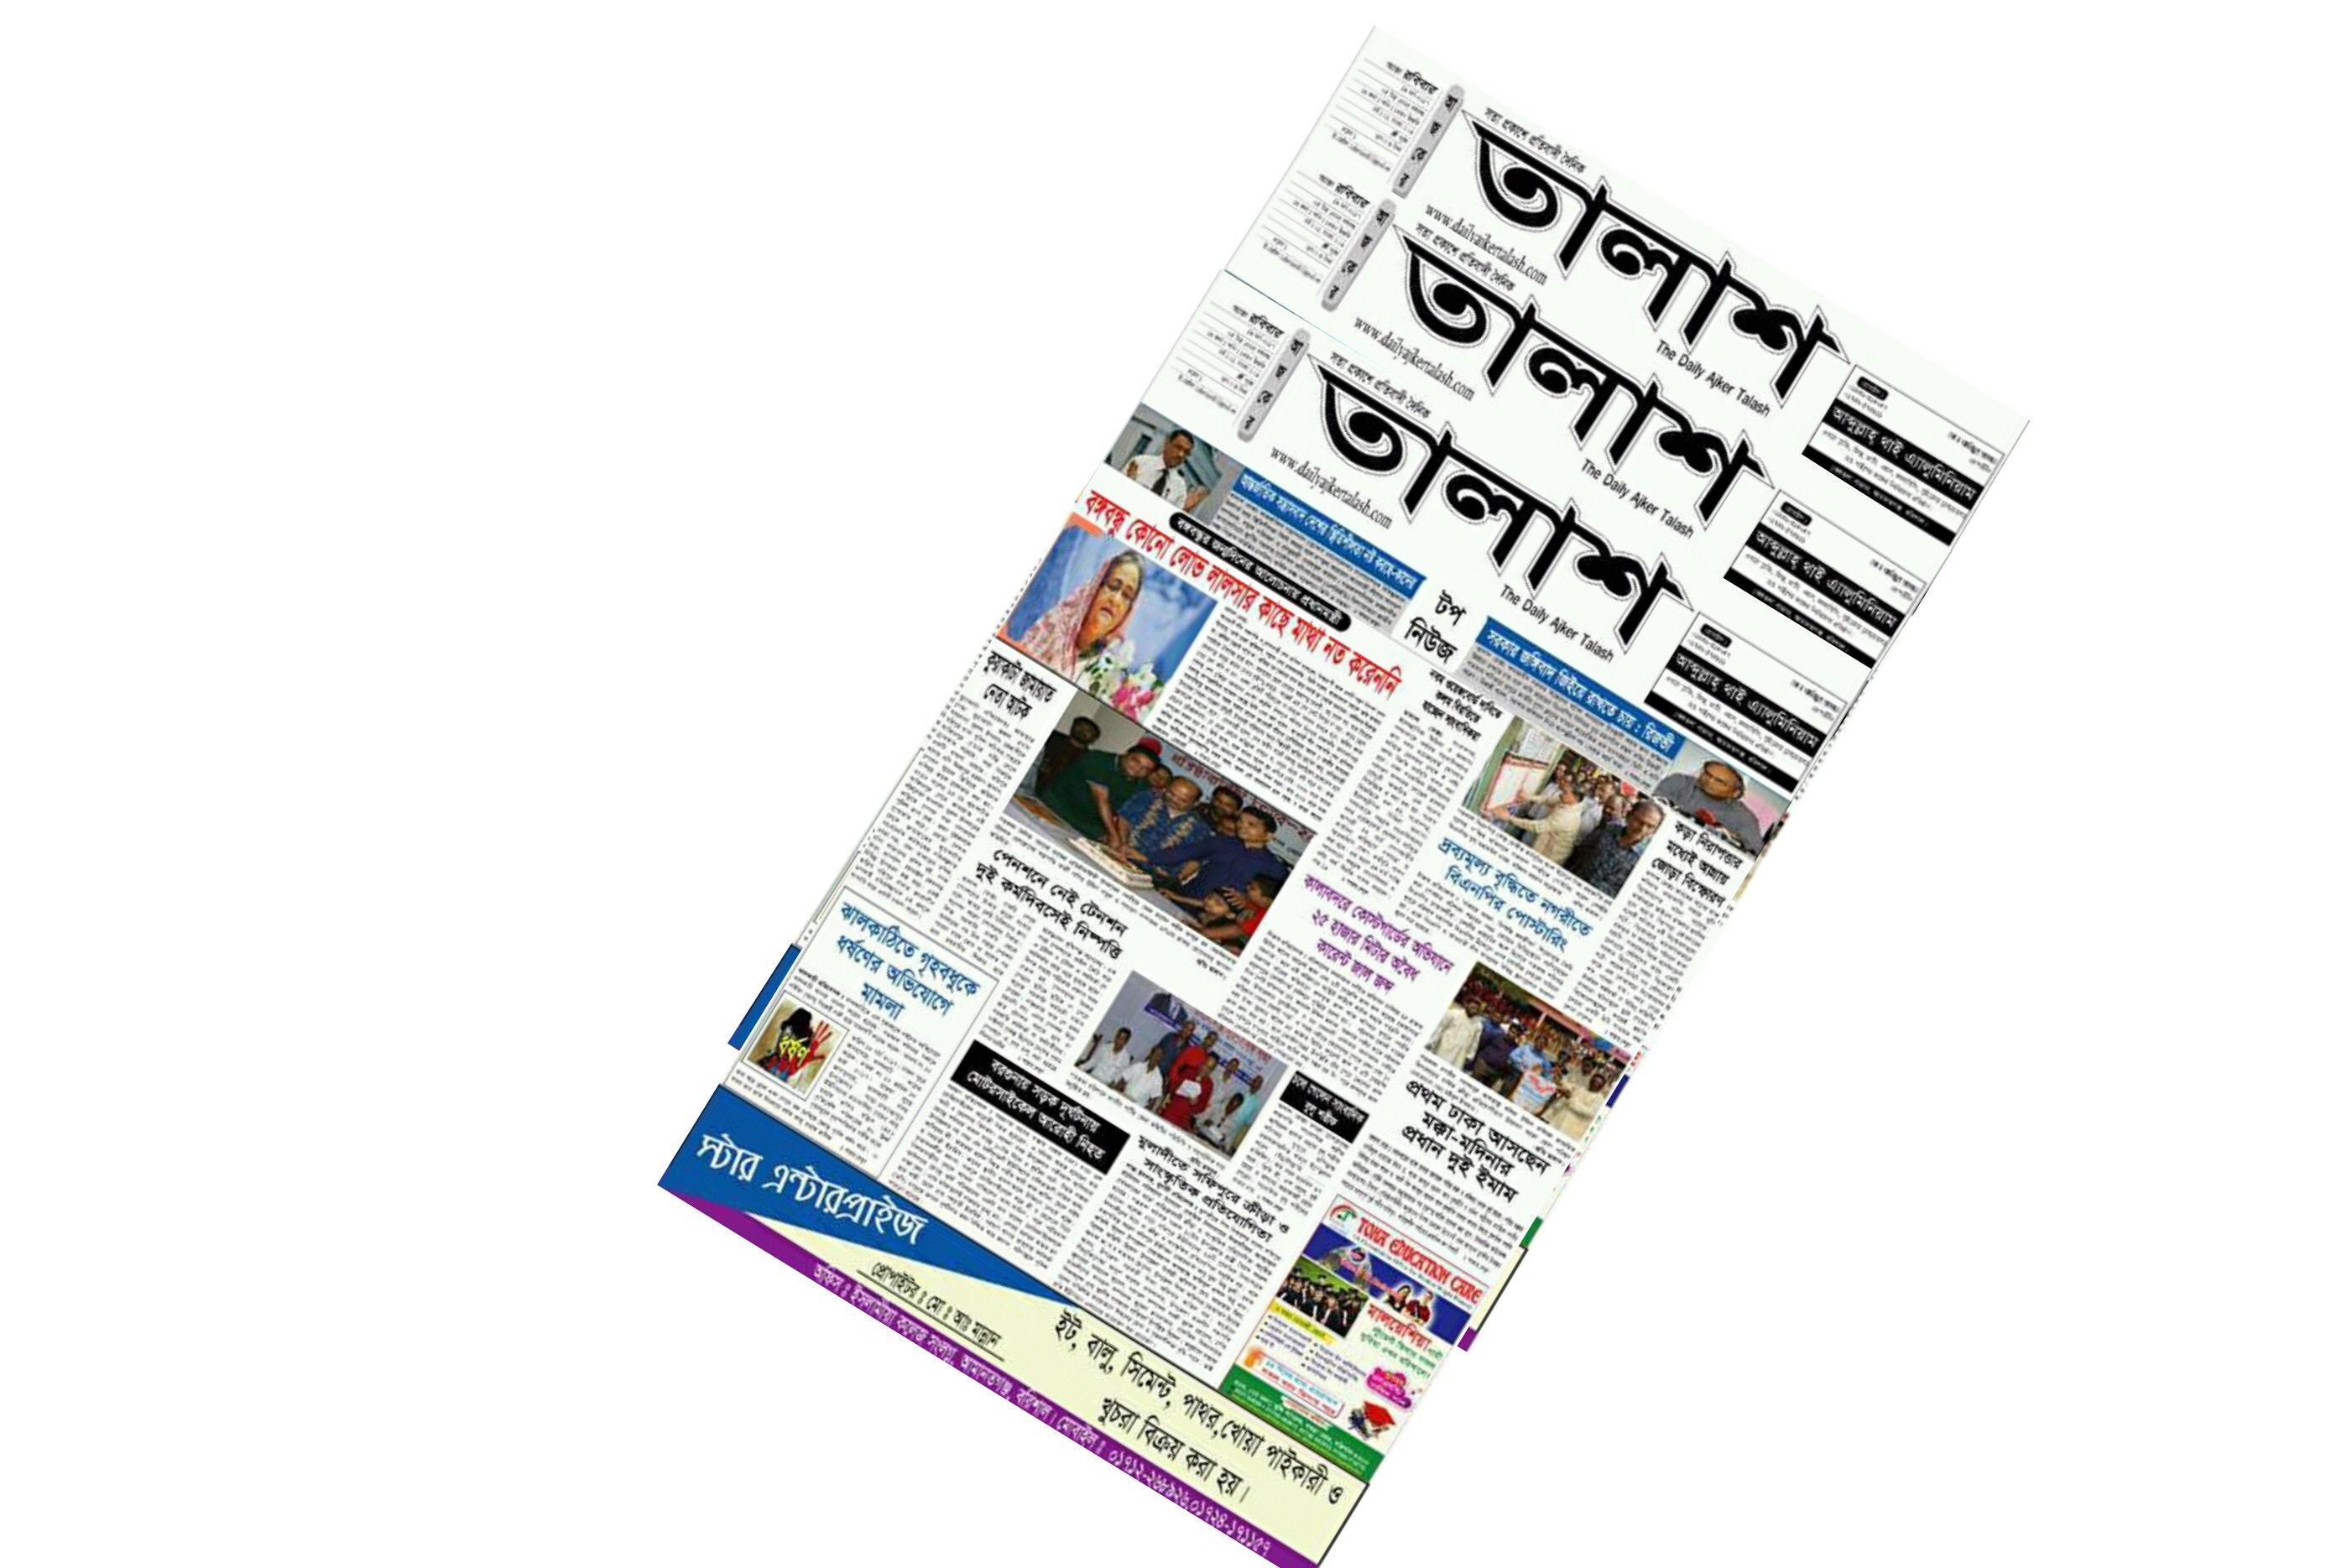 """""""ওয়ান বাংলাদেশ"""" এর আয়জনে ১২ বিশ্ববিদ্যালয়ে একযোগে প্রদর্শিত হবে নাটক """"ইনডেমনিটি"""""""